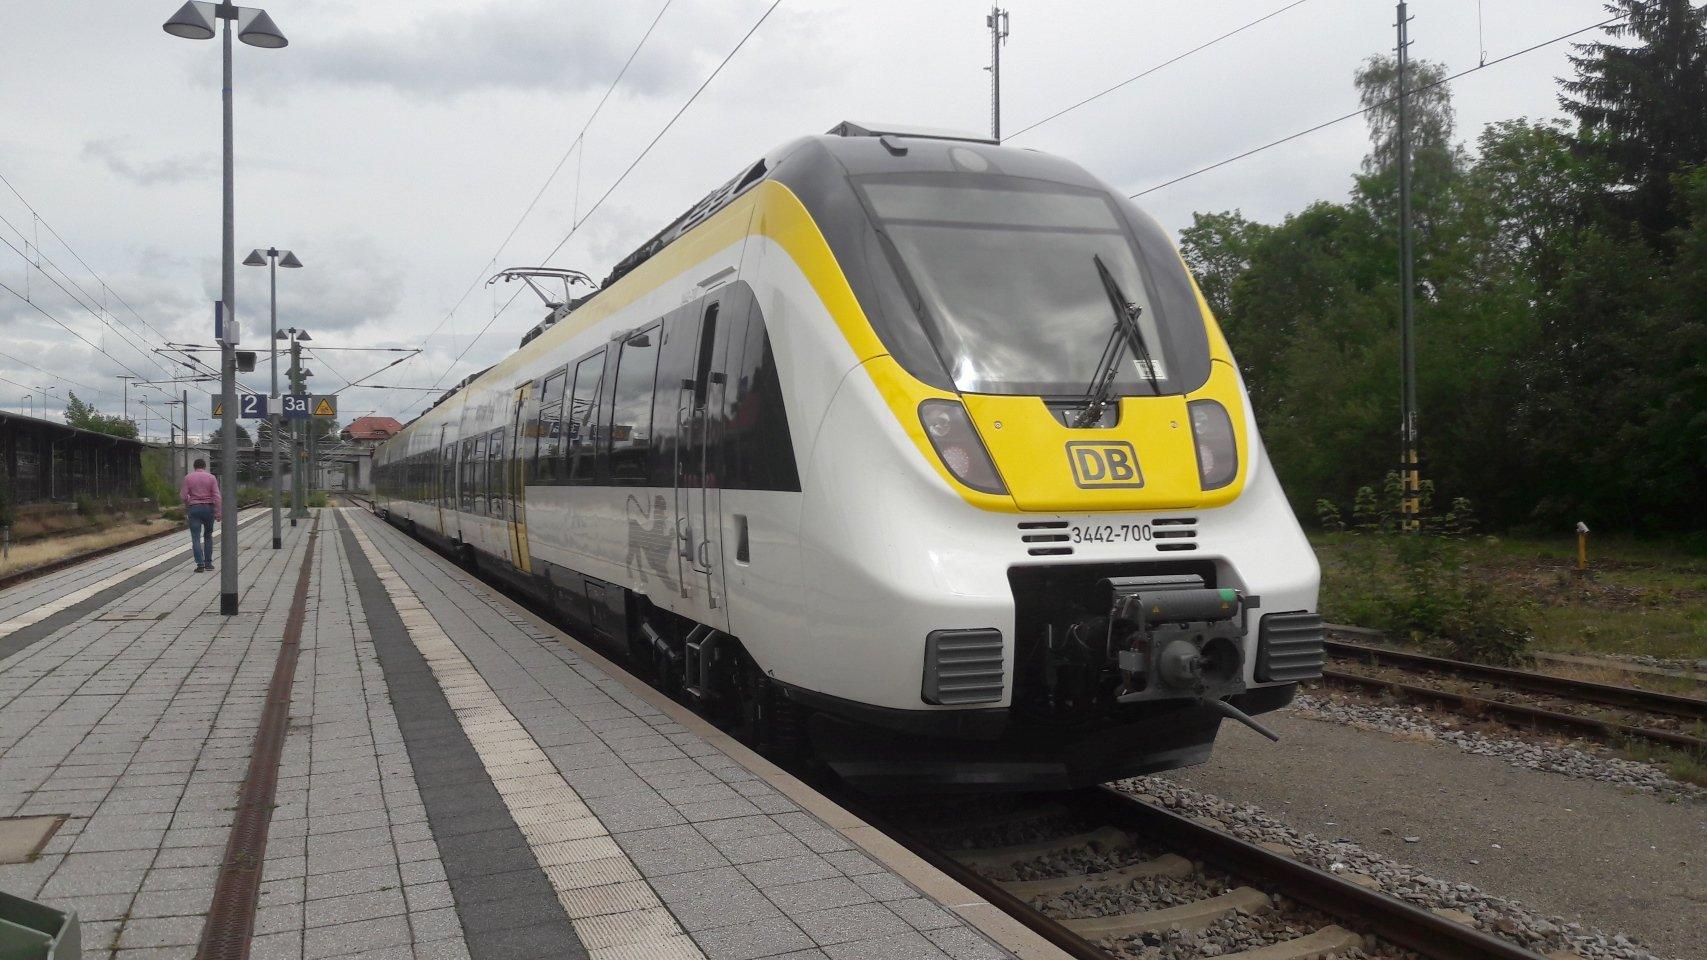 An- und Abreise mit dem Zug - Ein Zug fährt in den Bahnhof ein